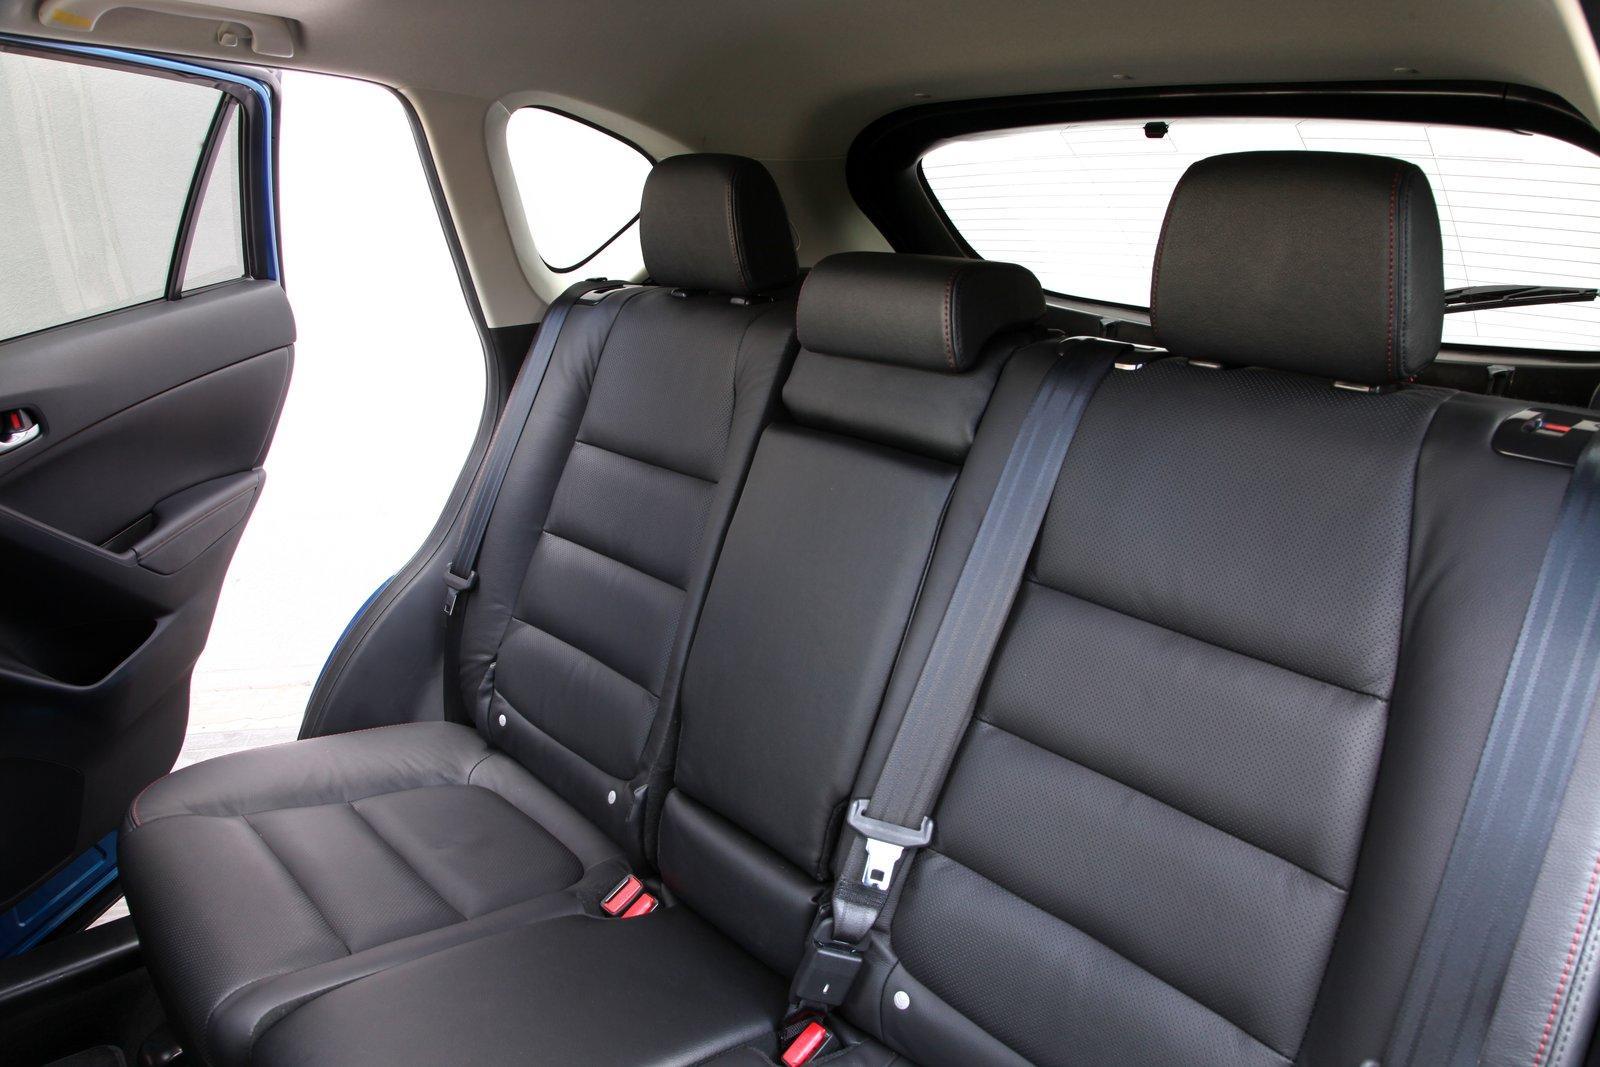 Mazda 3 Skyactiv >> 2013 Mazda CX-5 featuring SKYACTIV TECHNOLOGY offers environmentally friendly fun